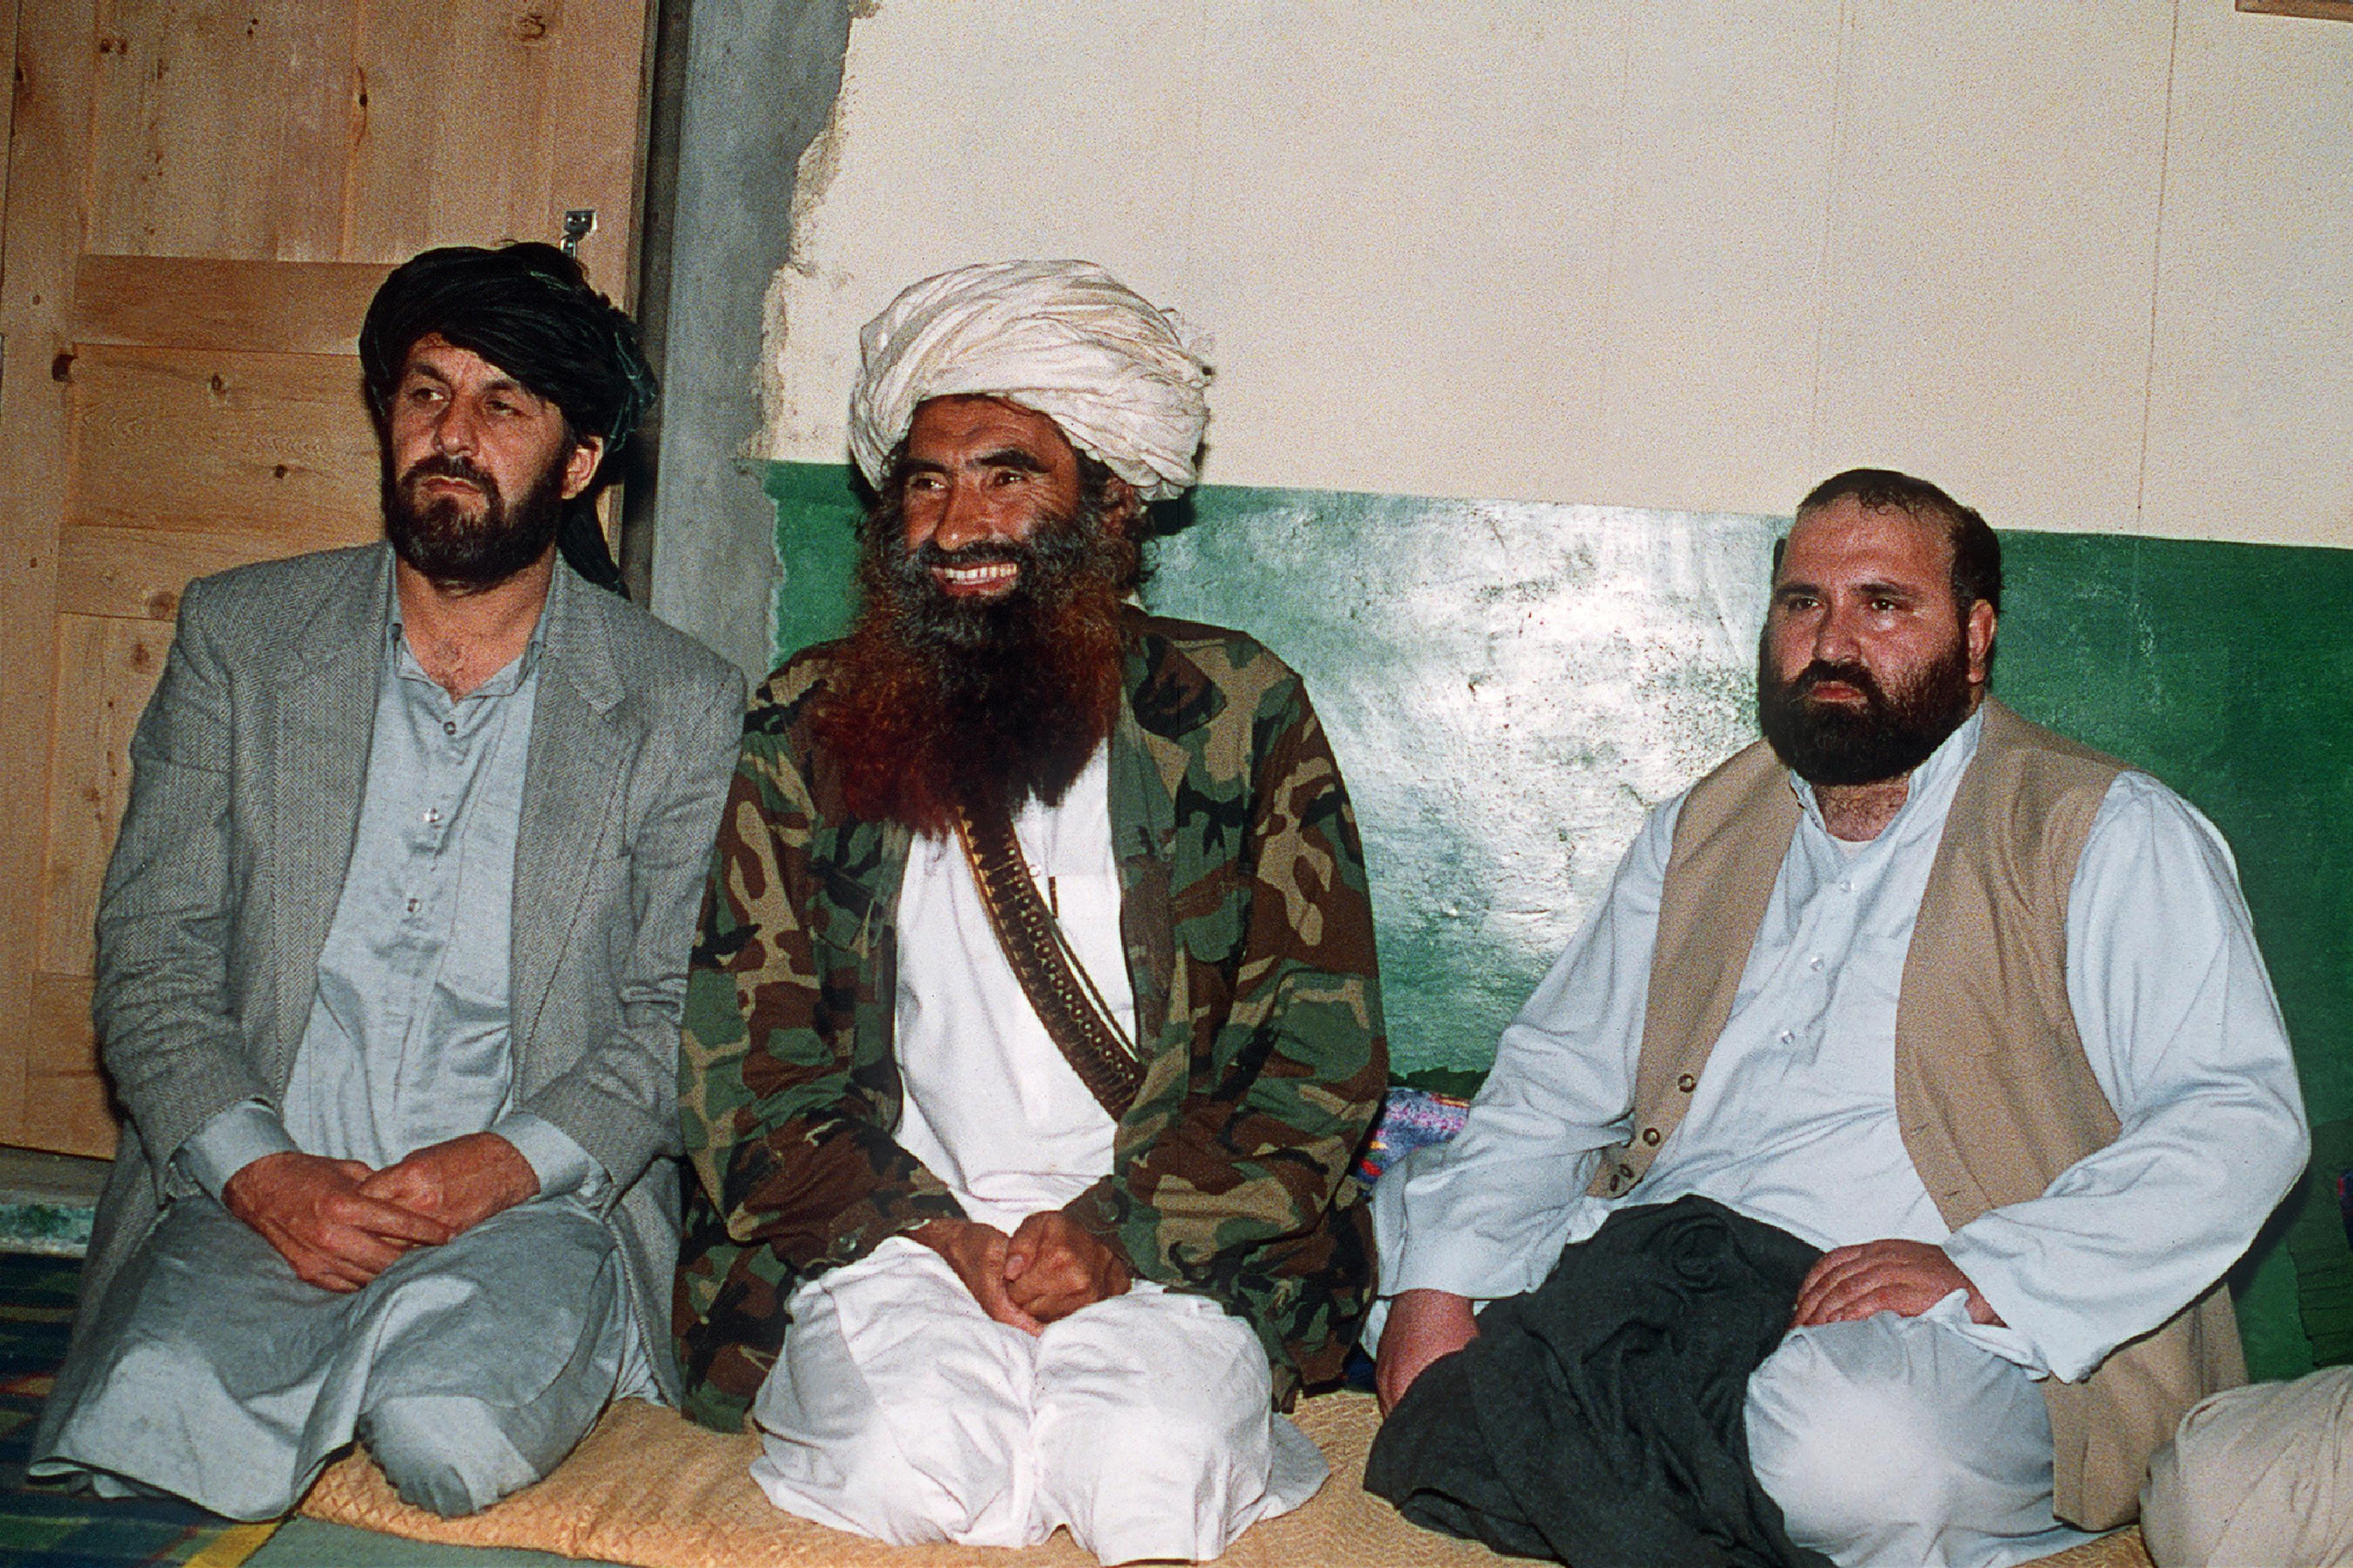 افغان طالبان: د حقاني شبکې مؤسس له اوږدې ناروغۍ څخه وروسته مړ شو